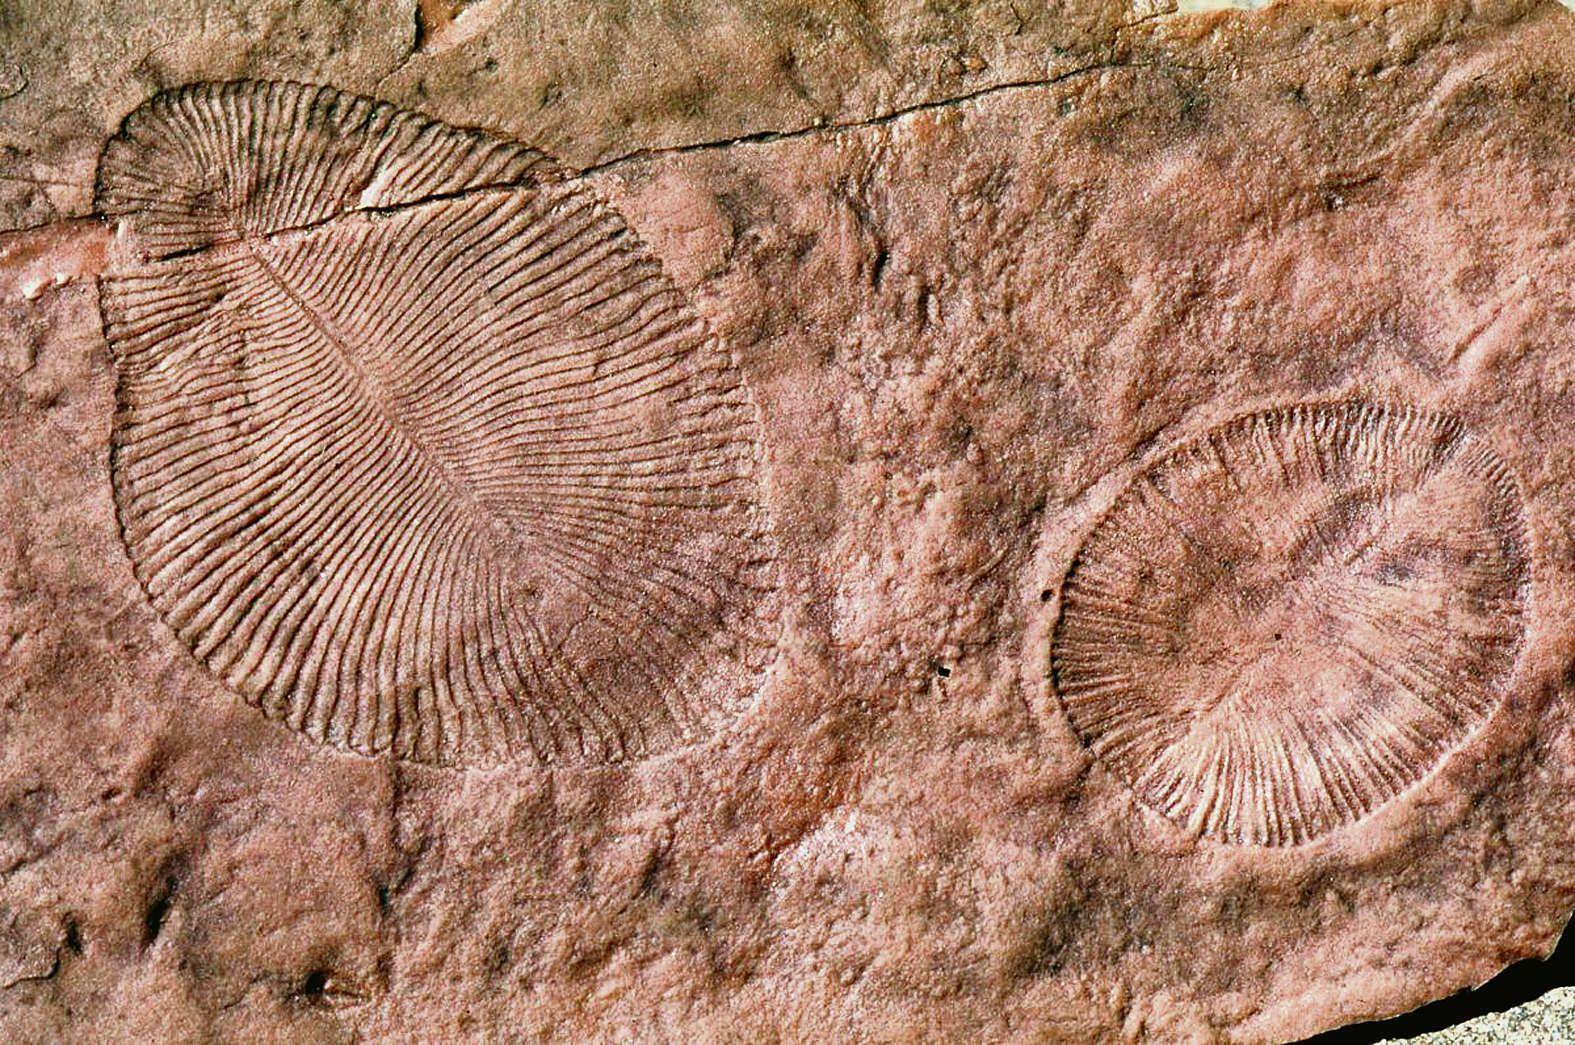 Ученые нашли сходство между людьми и странными древними существами